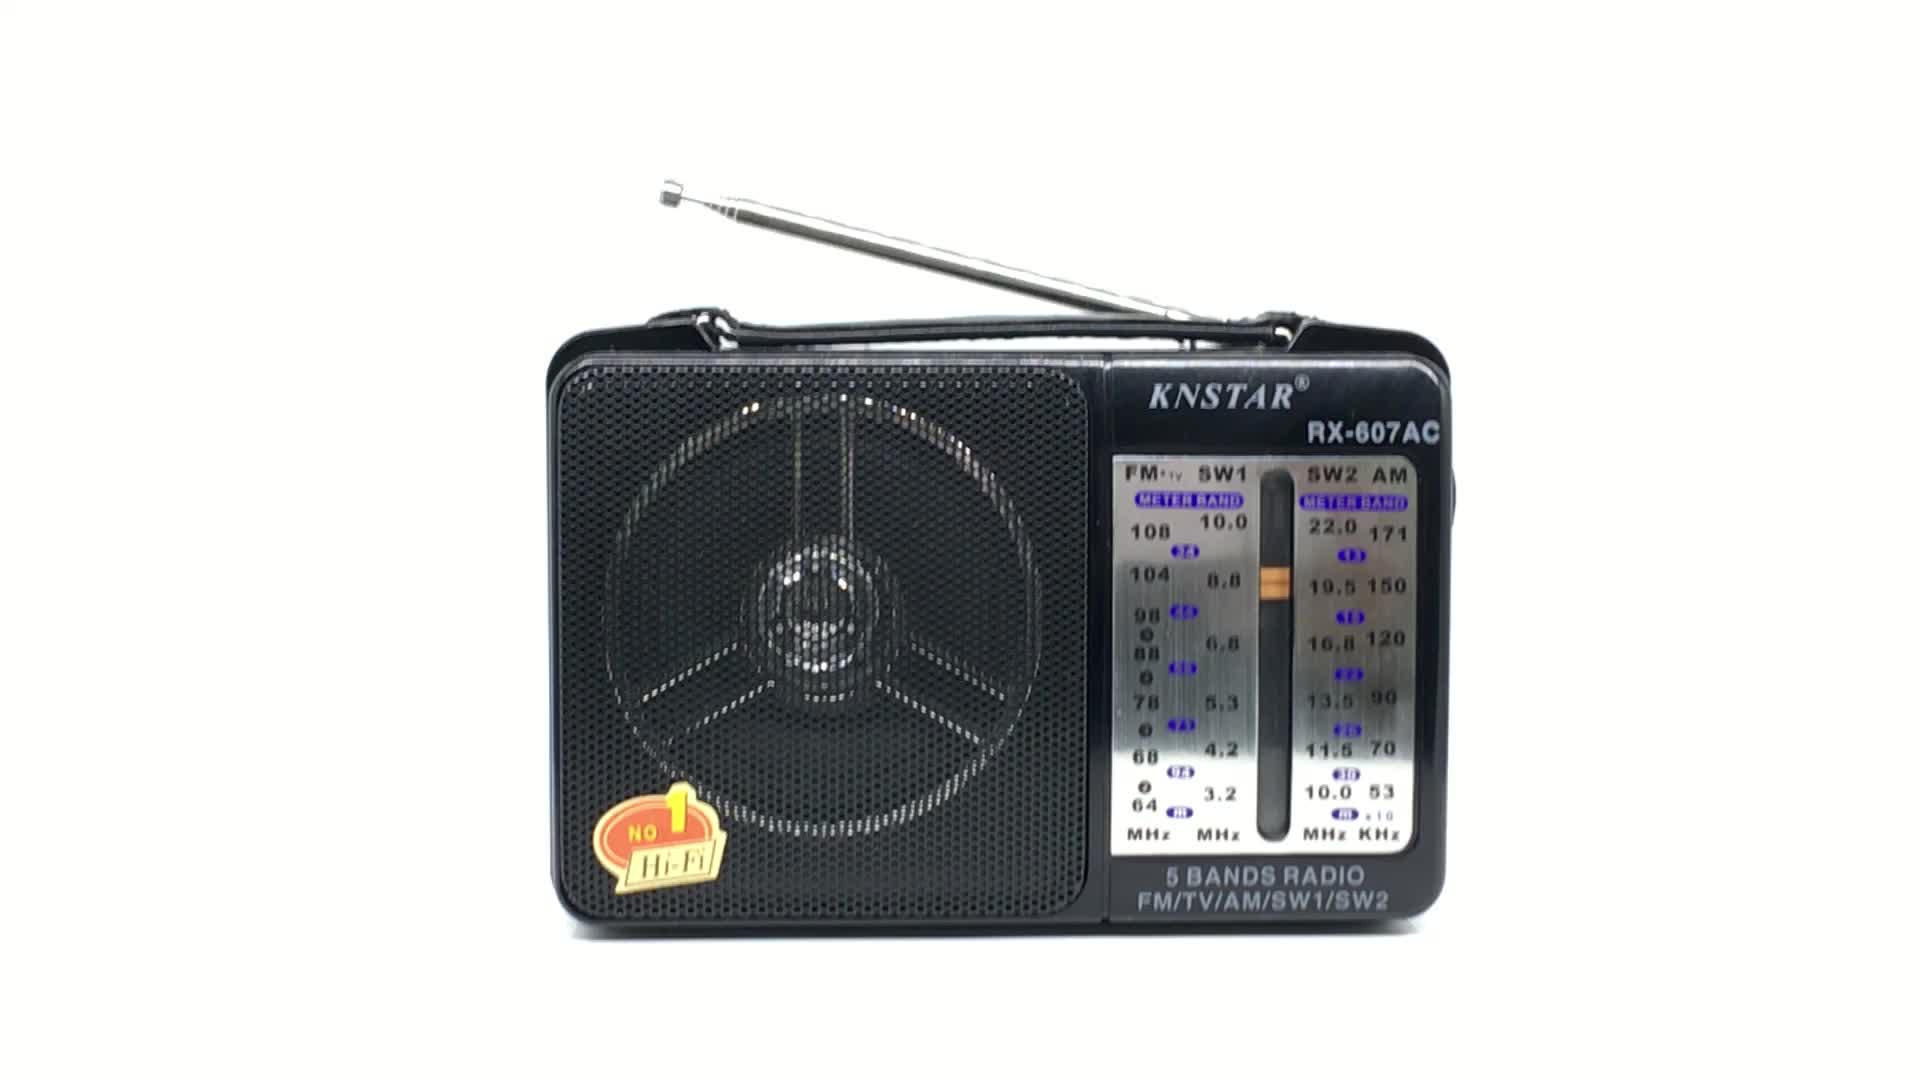 Knstar RX-607AC taşınabilir am fm radyo DSP radyo